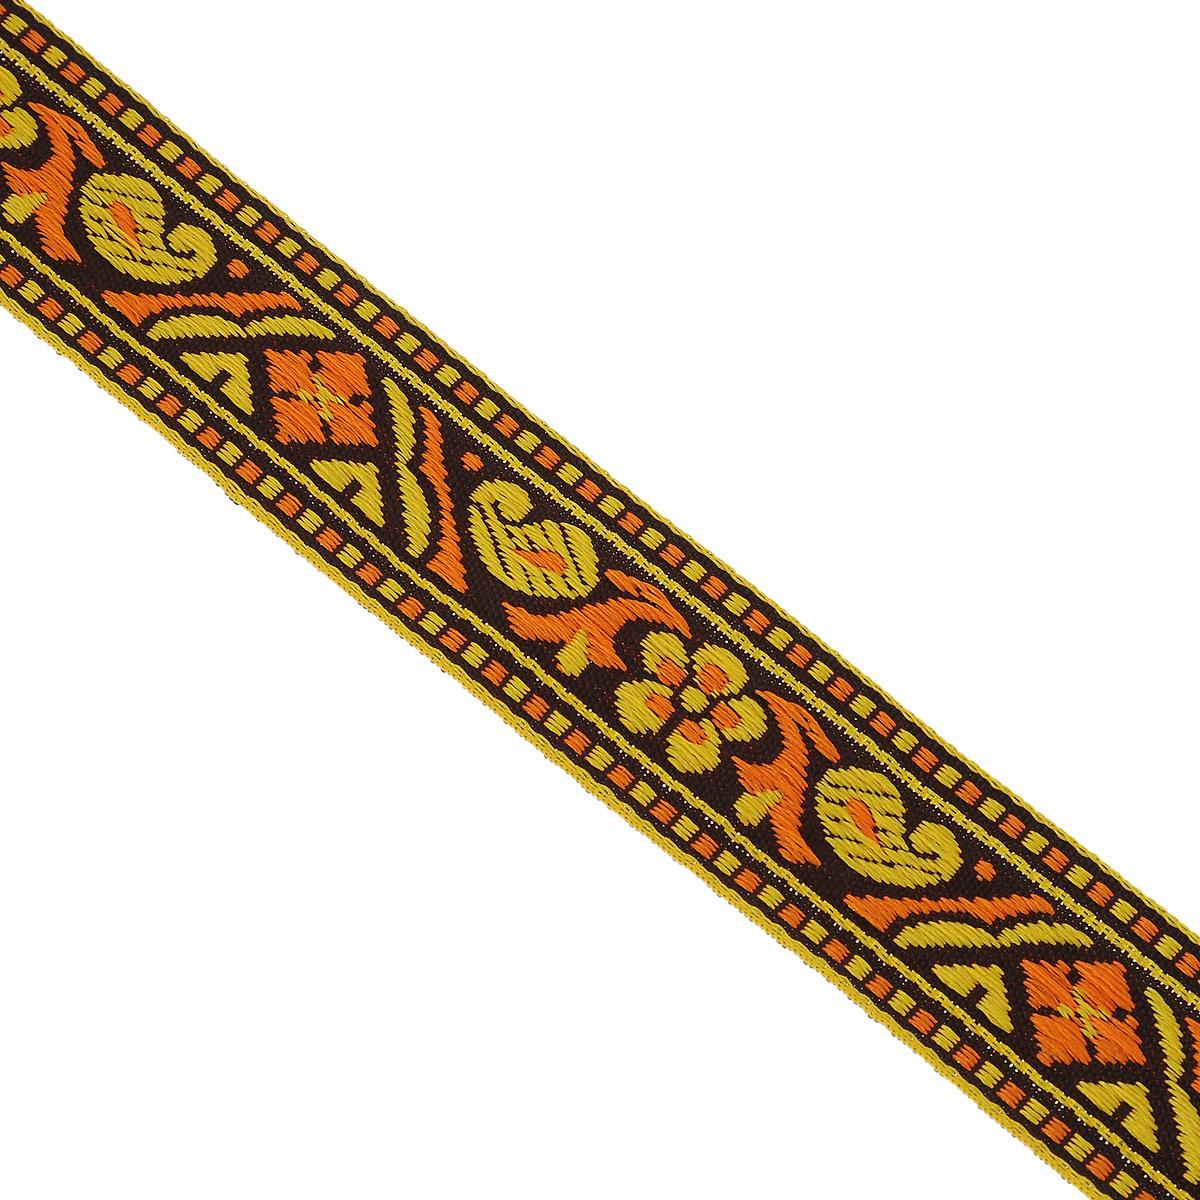 Тесьма декоративная Астра, цвет: желтый (2), ширина 2 см, длина 16,4 м. 77032797703279_2Декоративная тесьма Астра выполнена из текстиля и оформлена оригинальным орнаментом. Такая тесьма идеально подойдет для оформления различных творческих работ таких, как скрапбукинг, аппликация, декор коробок и открыток и многое другое. Тесьма наивысшего качества и практична в использовании. Она станет незаменимым элементом в создании рукотворного шедевра. Ширина: 2 см.Длина: 16,4 м.